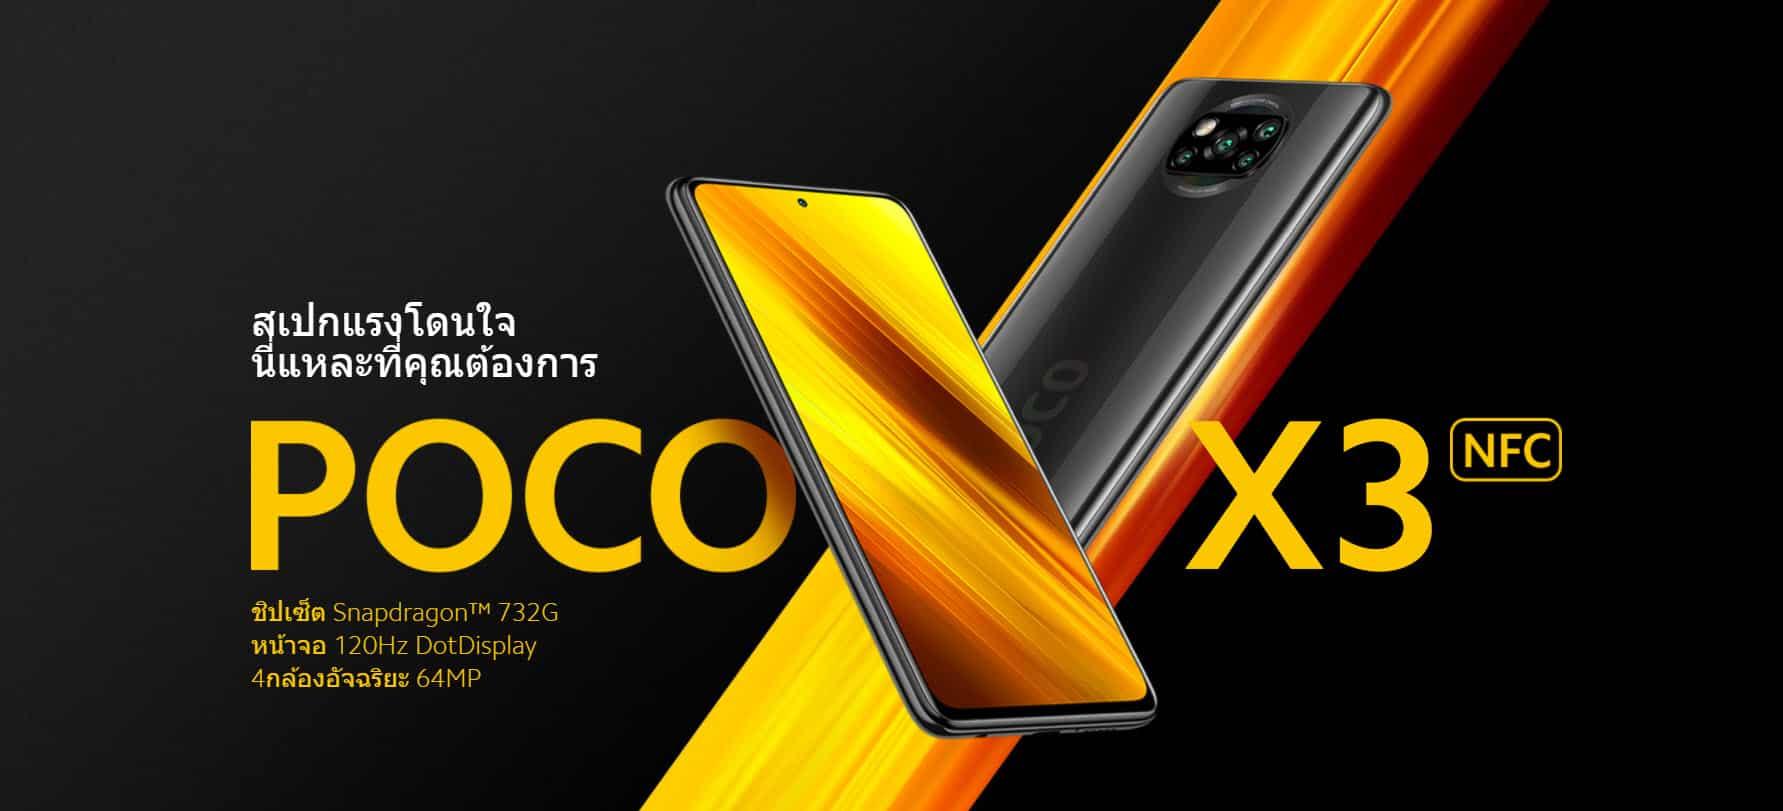 รูป 2020 11 05 10 41 30 ประกอบเนื้อหา POCO X3 NFC ชิป Snapdragon 732G ราคาเริ่มต้น 6,999 บาท